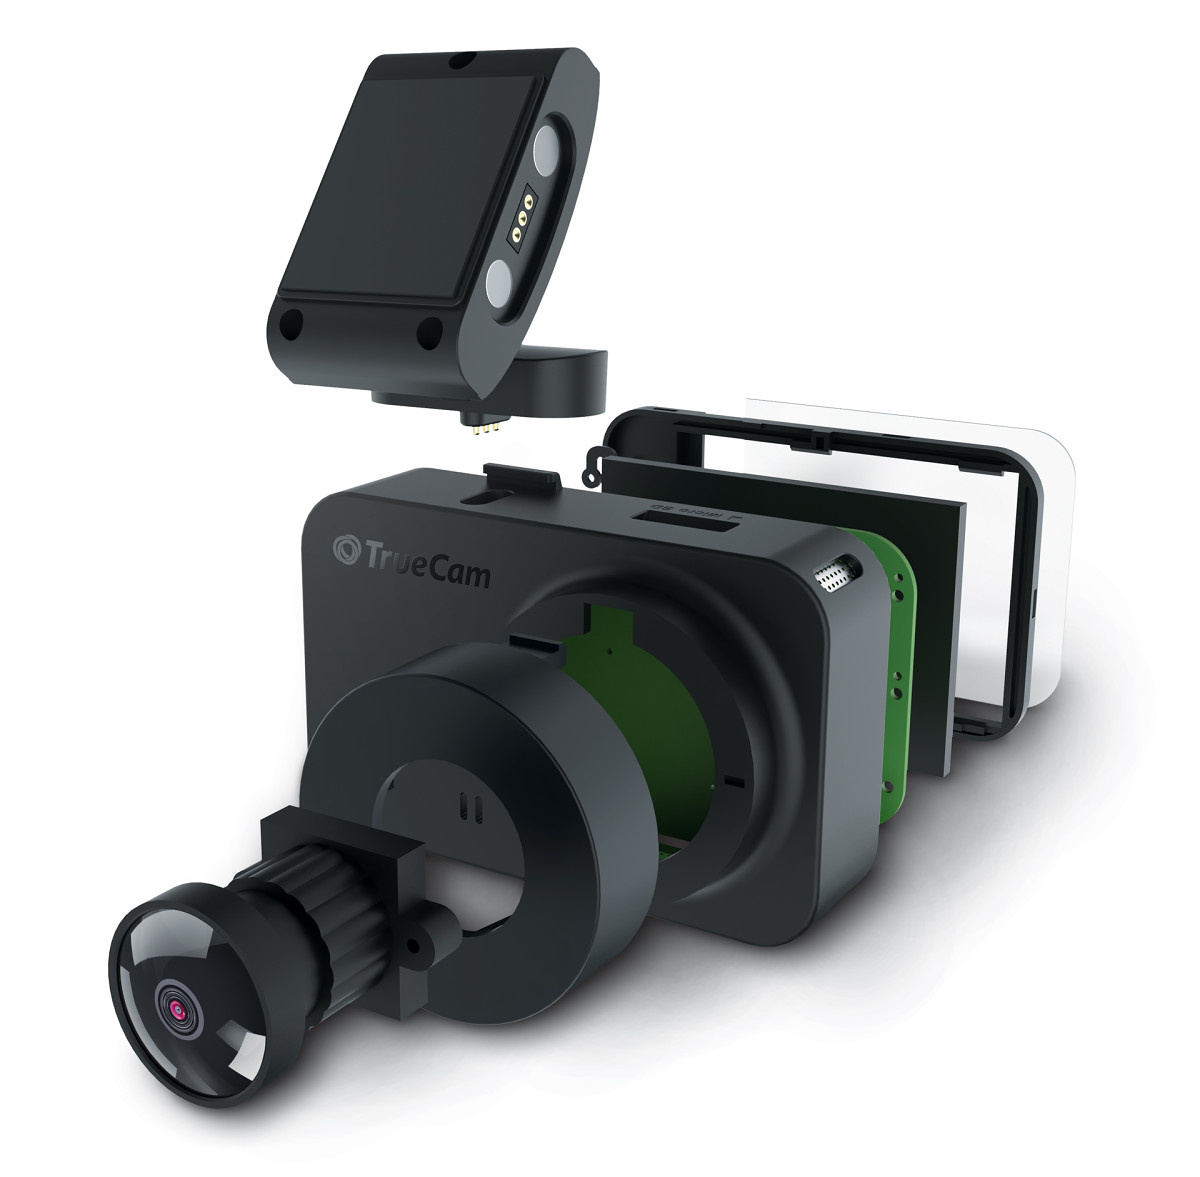 TrueCam M5 autós kamera felépítése